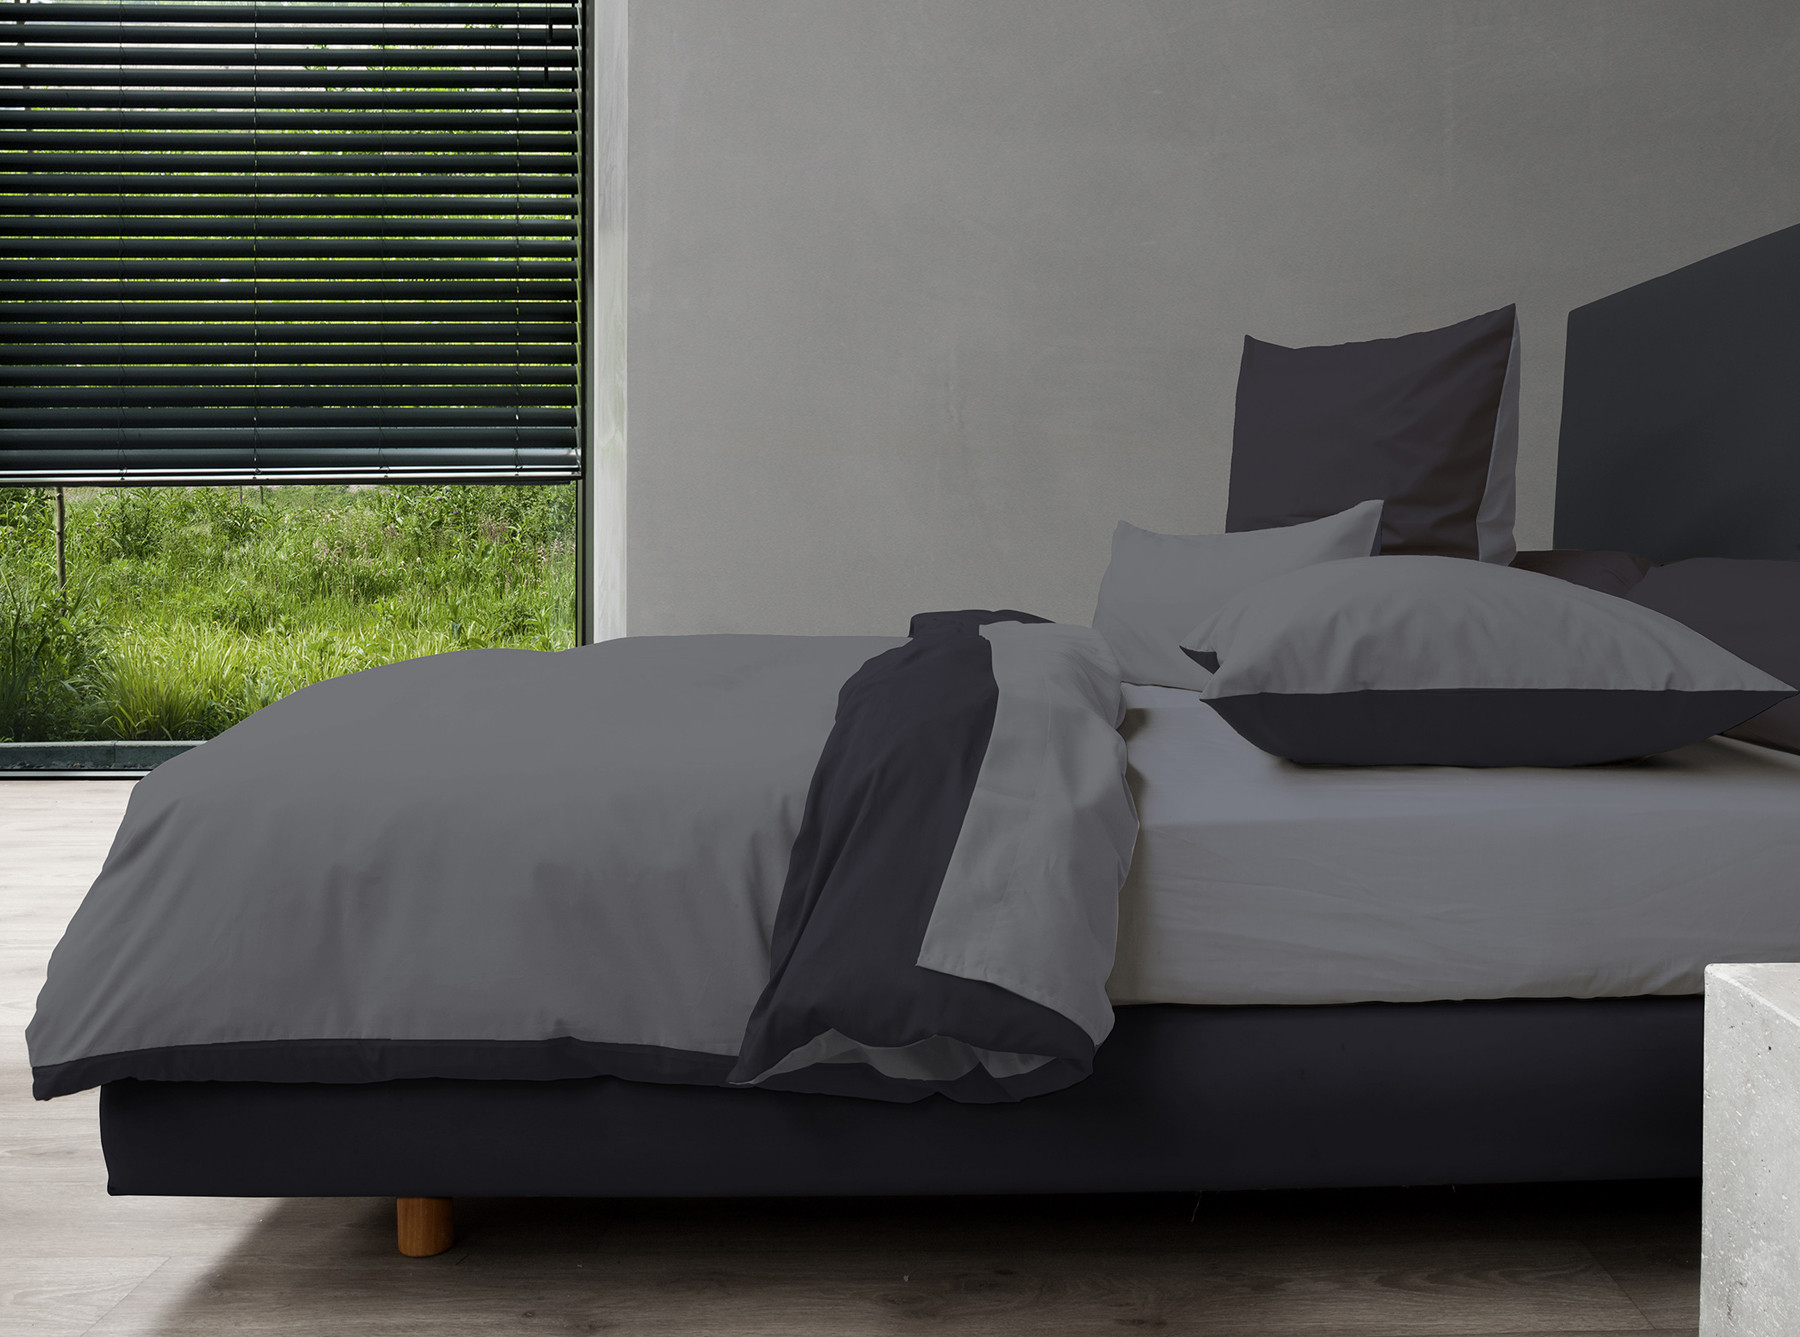 Bettwasche 155x220 Schwarz ~ Hnl perkal bettwäsche wendeoptik in grau schwarz